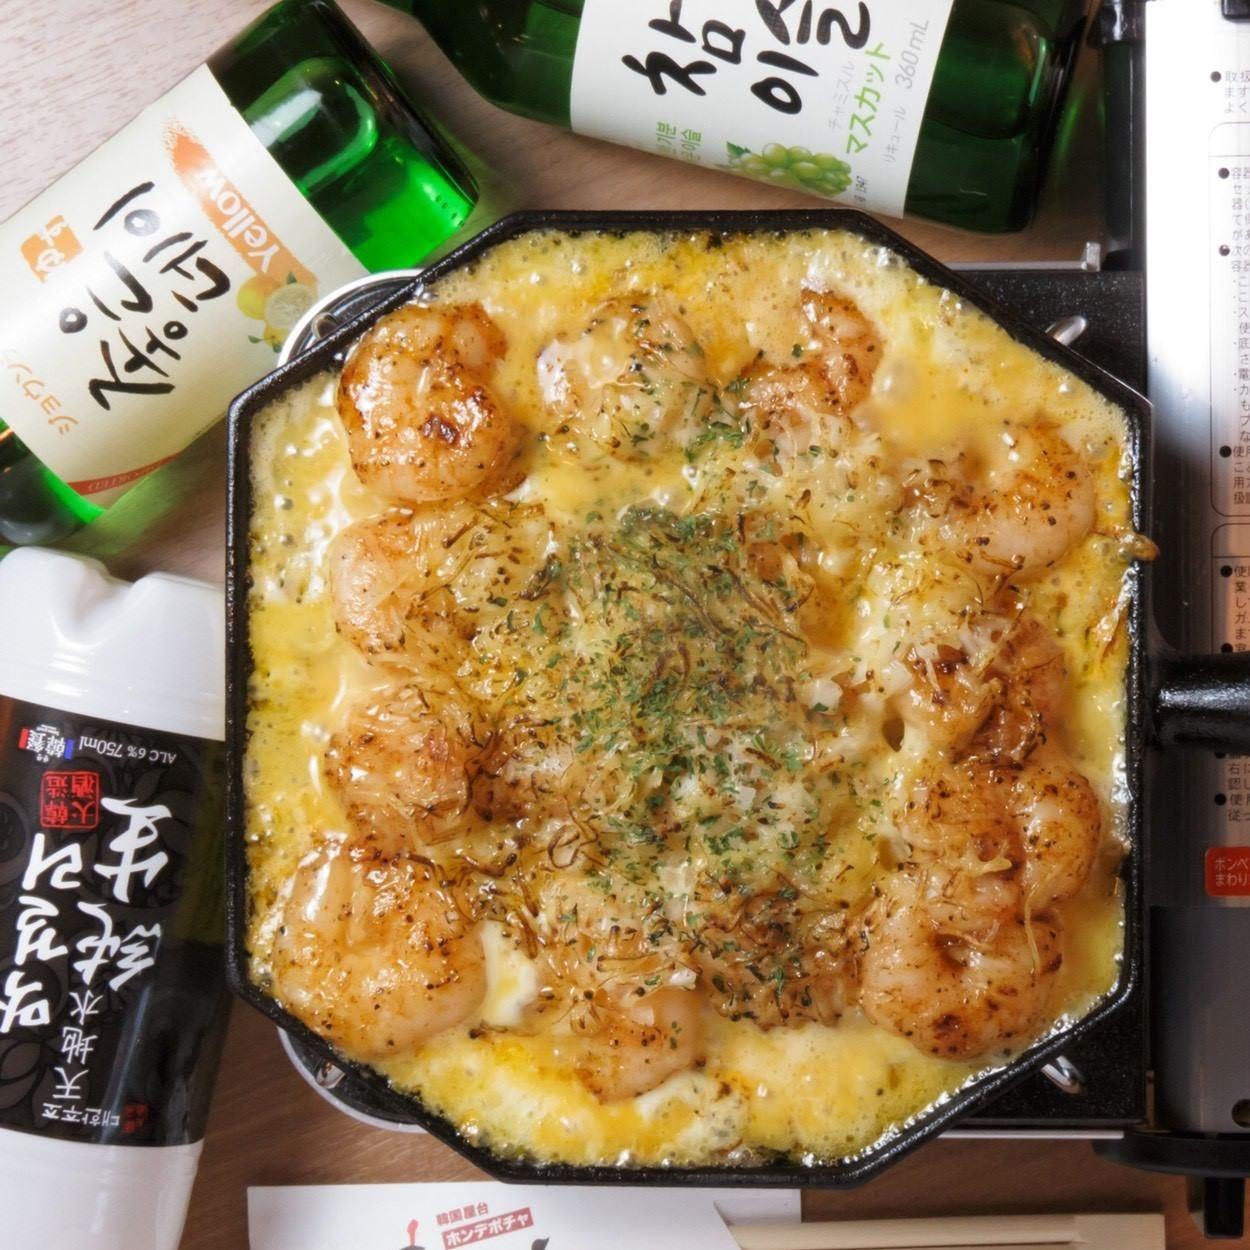 渋谷_韓国料理 ホンデポチャ 渋谷店_写真